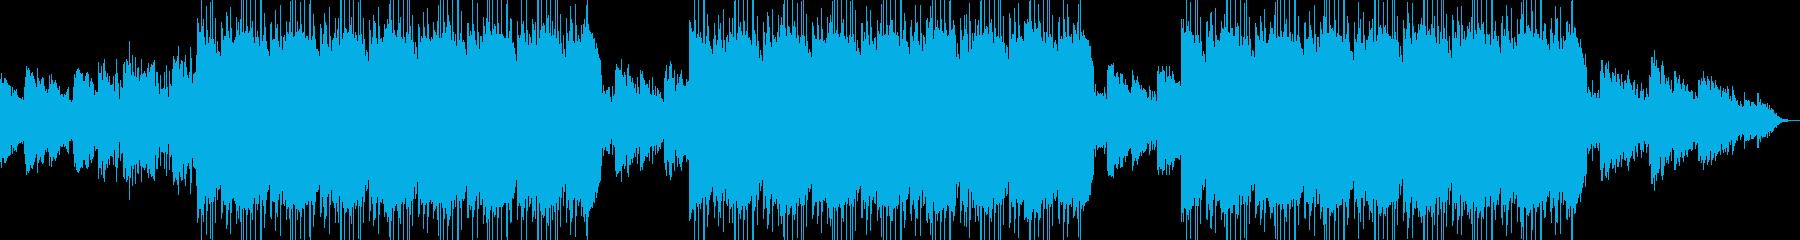 不気味で幻想的なヒップホップBGMの再生済みの波形